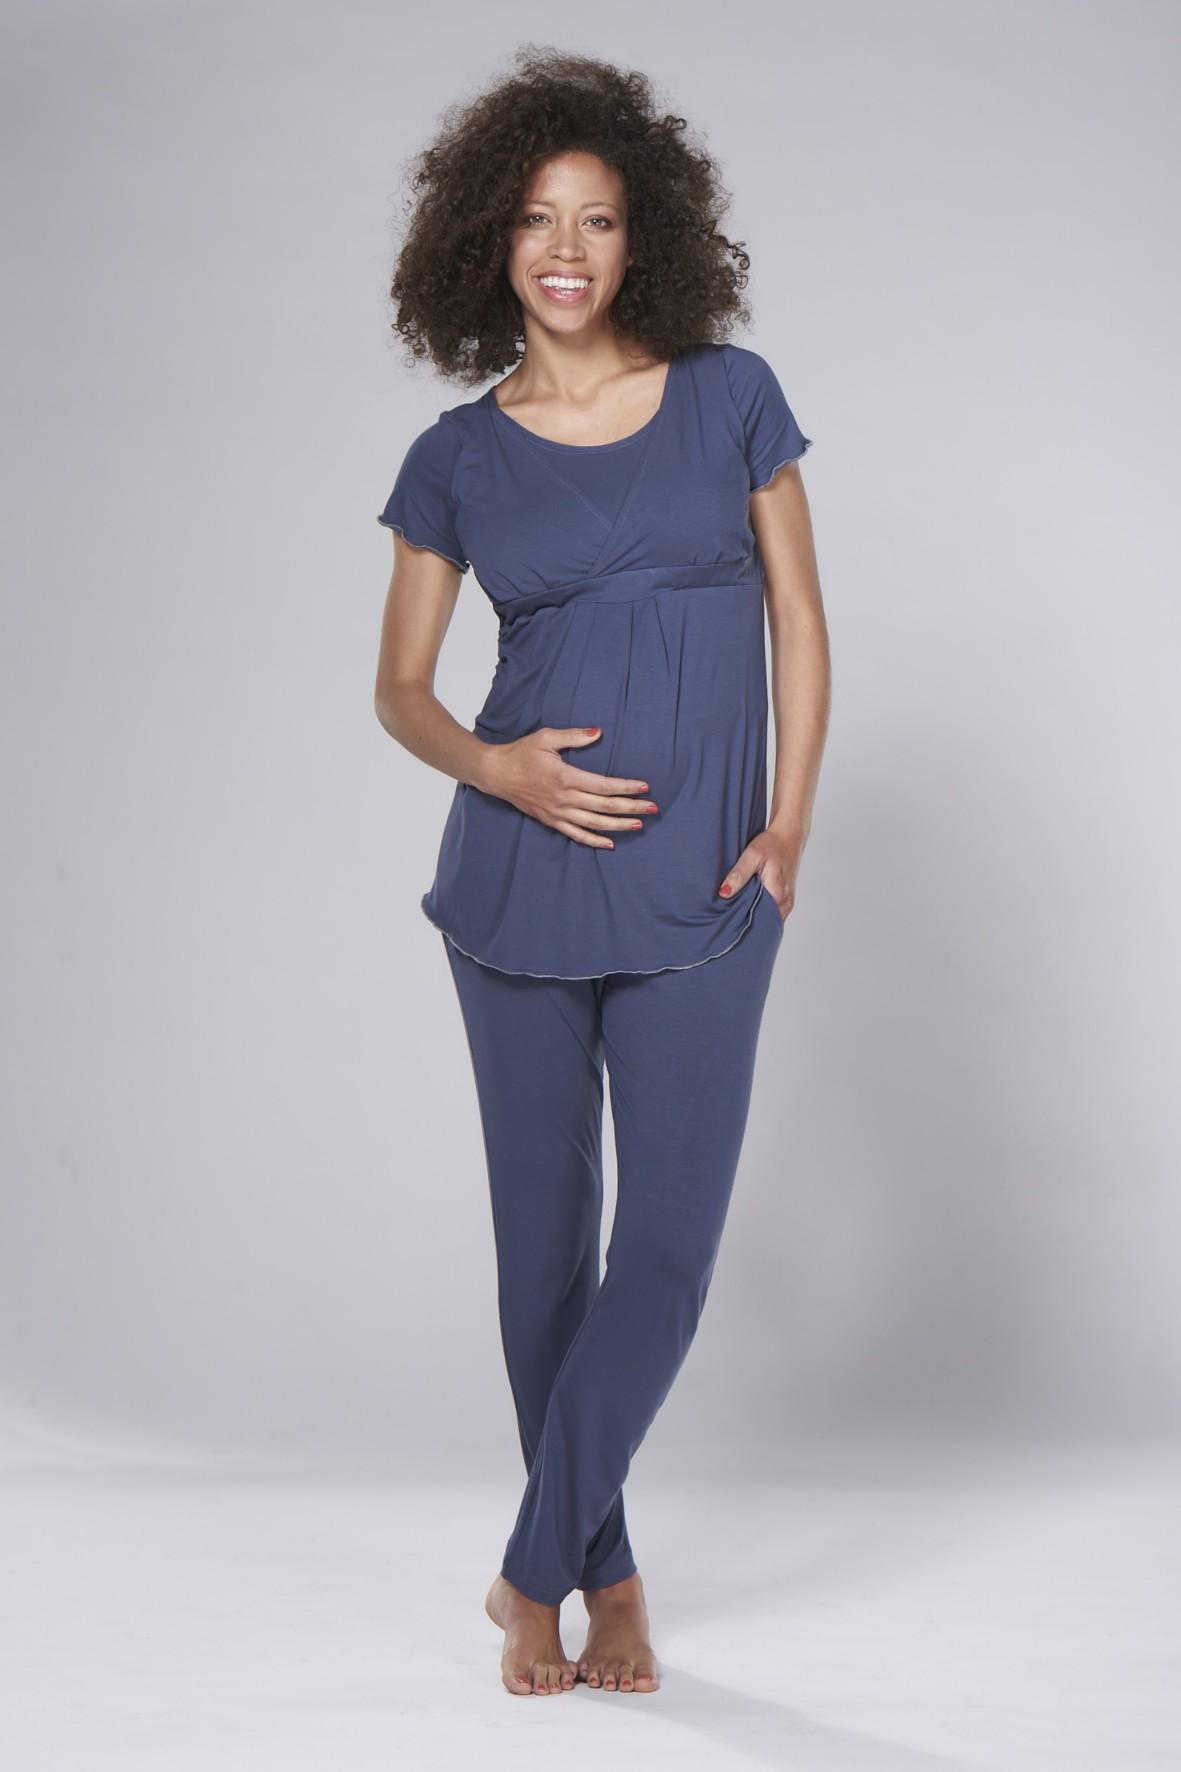 Pidżama dla przyszłej mamy